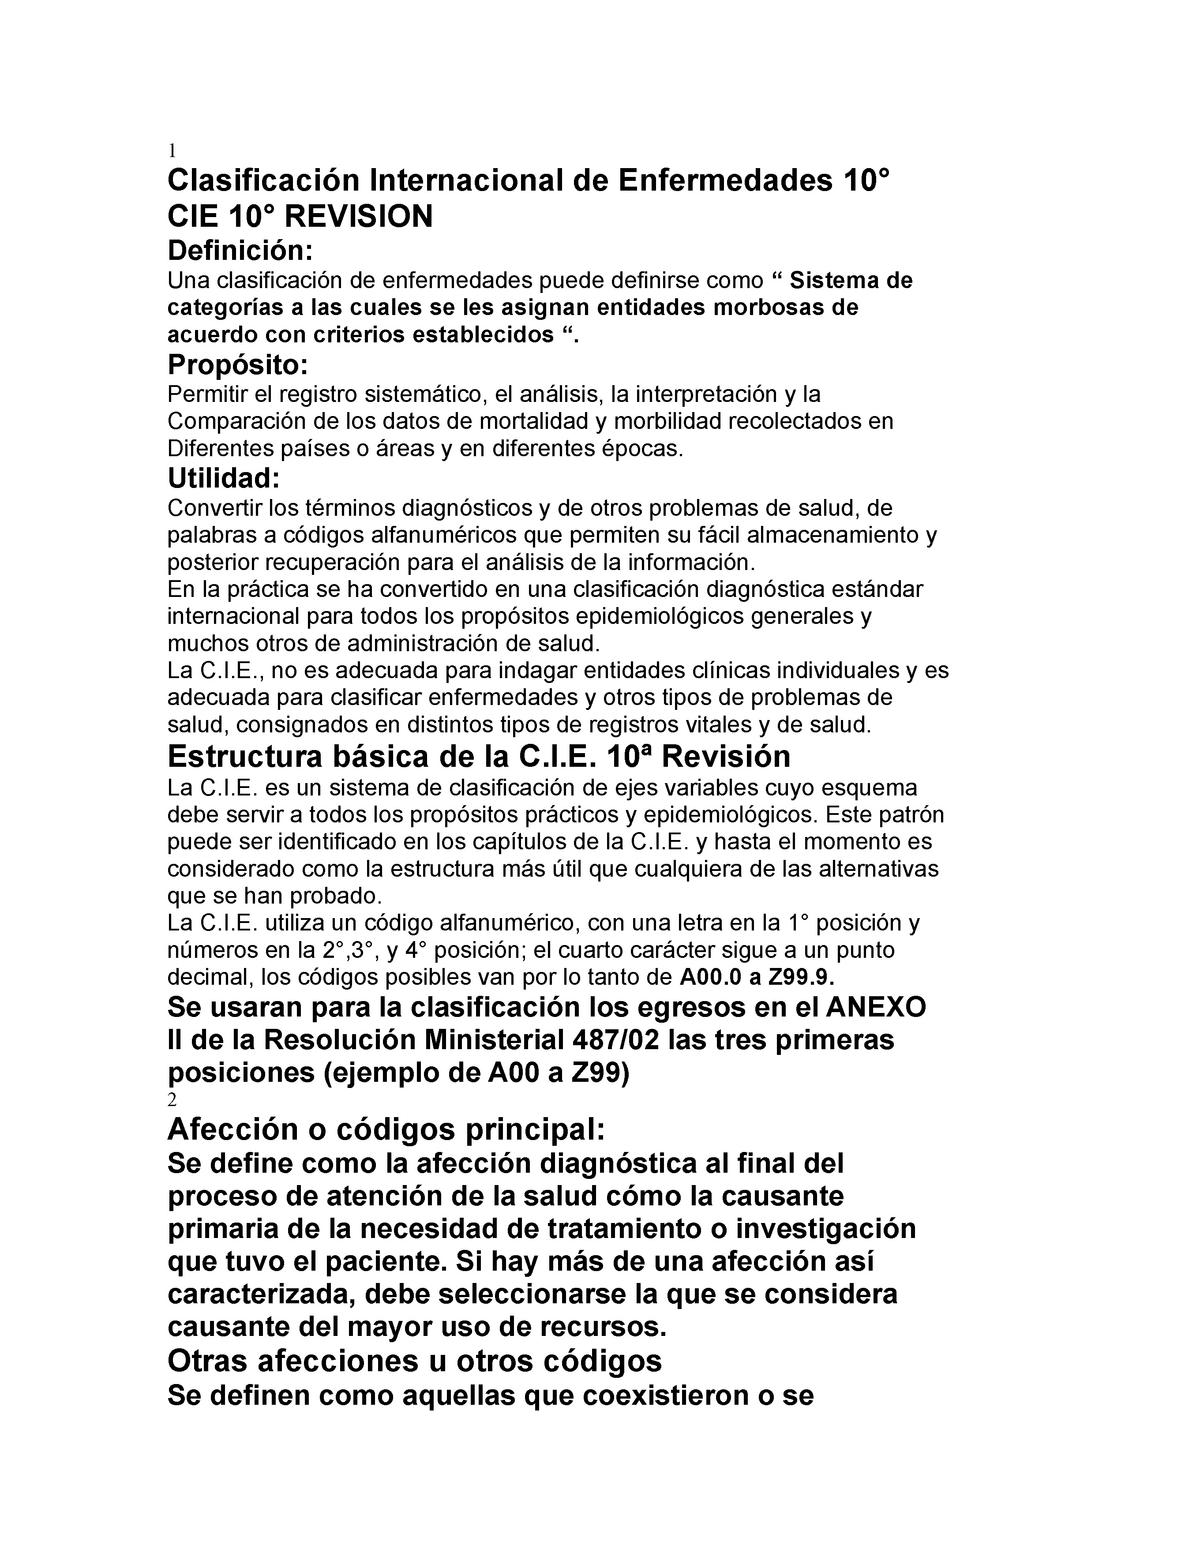 Hipertensión intracraneal idiopática código icd 10